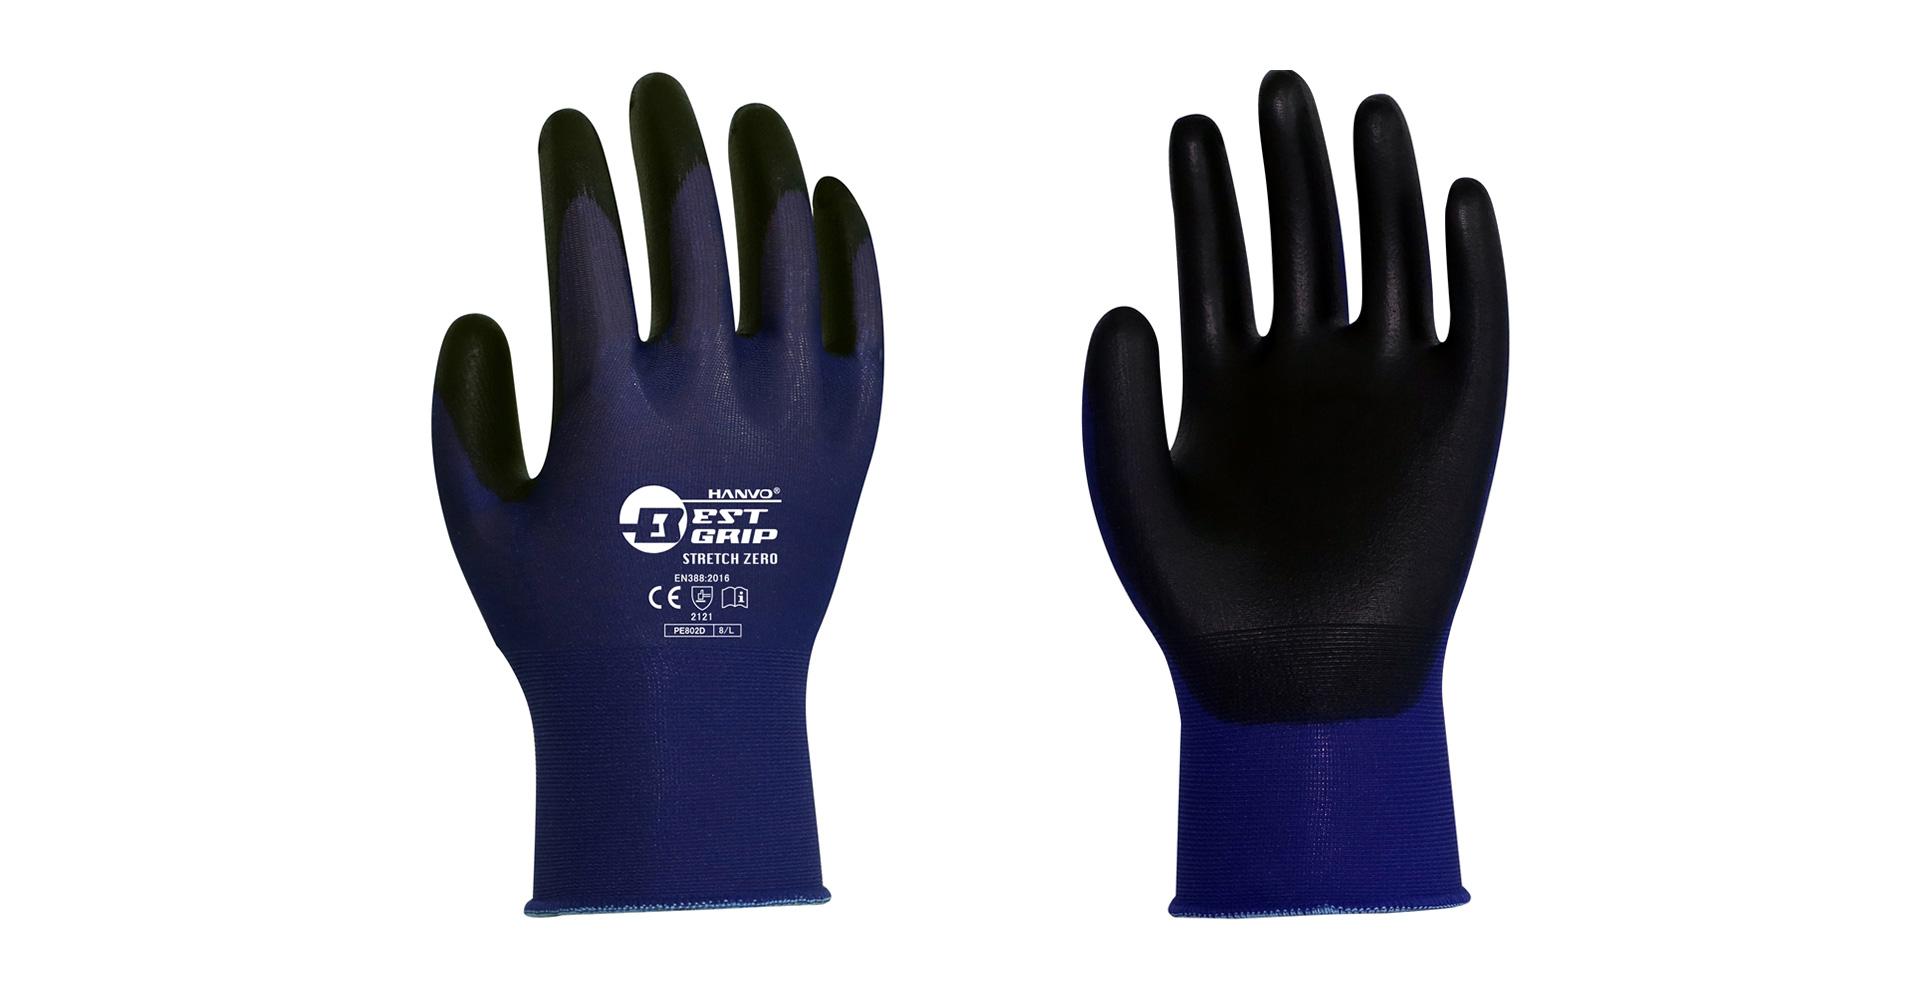 作業用手袋製造のハンボ株式会社、スーパー・小売販売店からのニーズ拡大を受け作業用手袋「ストレッチゼロ」の増産体制を強化<br />~工場生産量を10倍に拡大し安定供給を目指します~